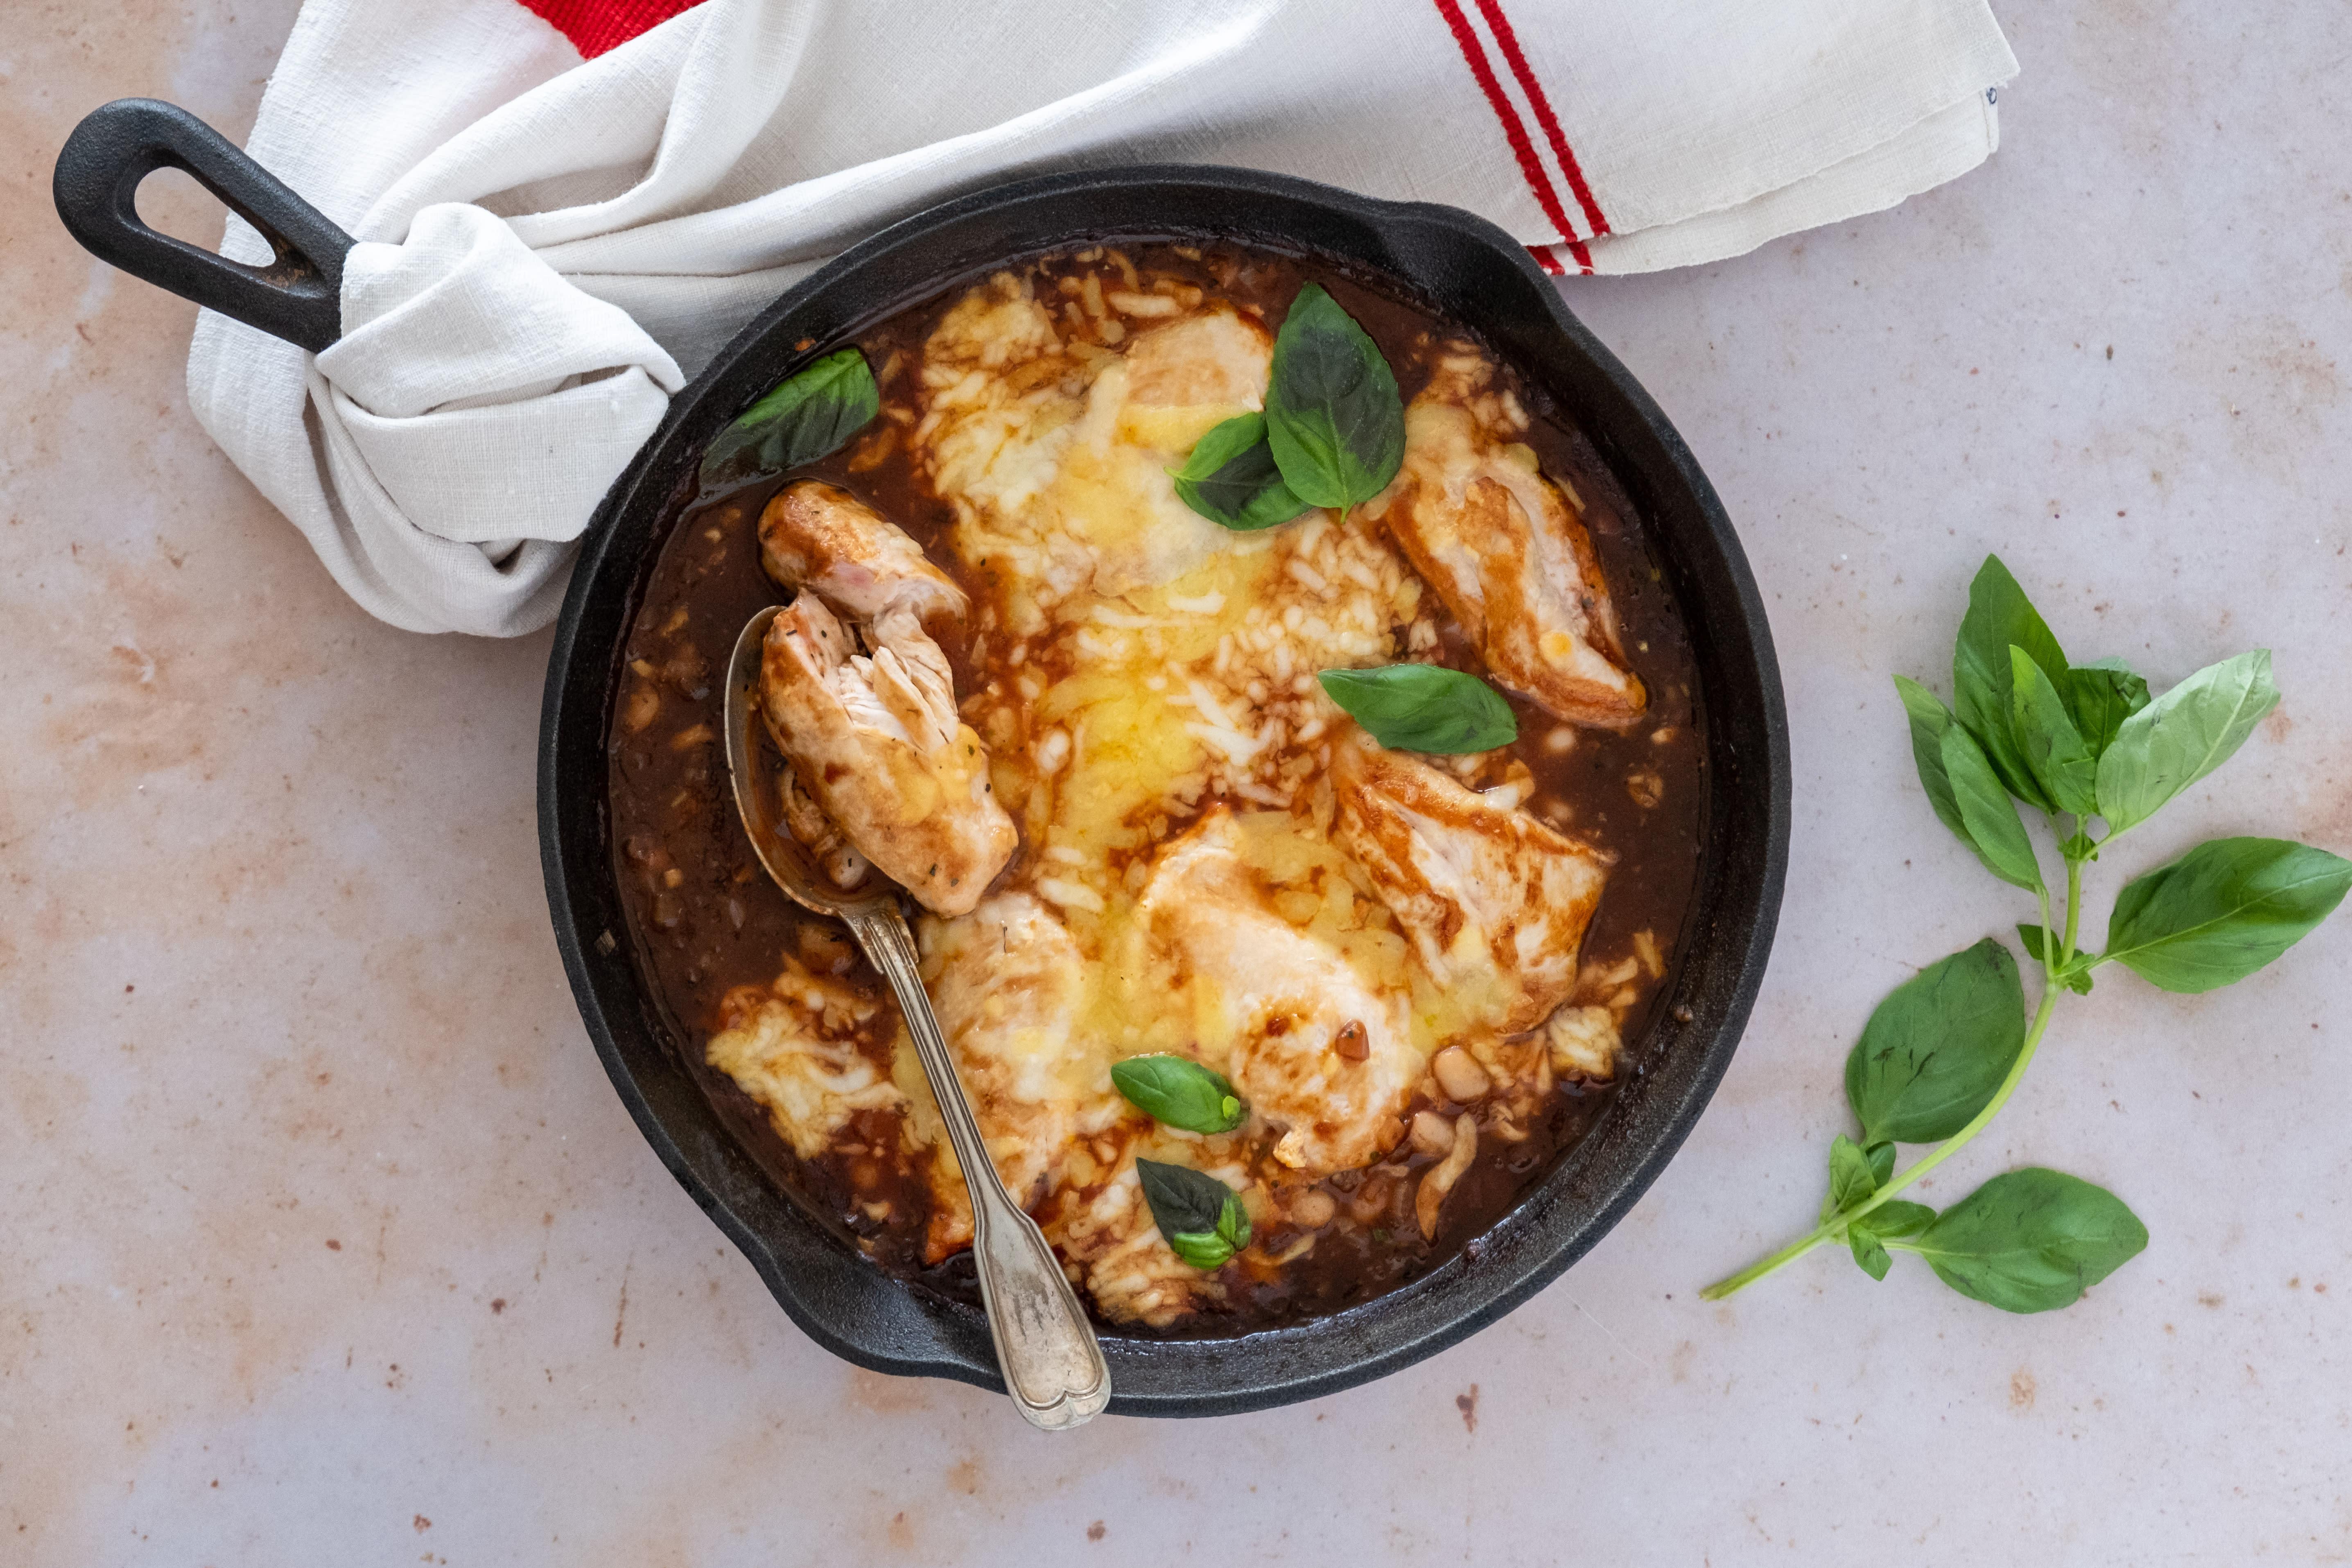 Cheesy Mediterranean Chicken Casserole with Beans